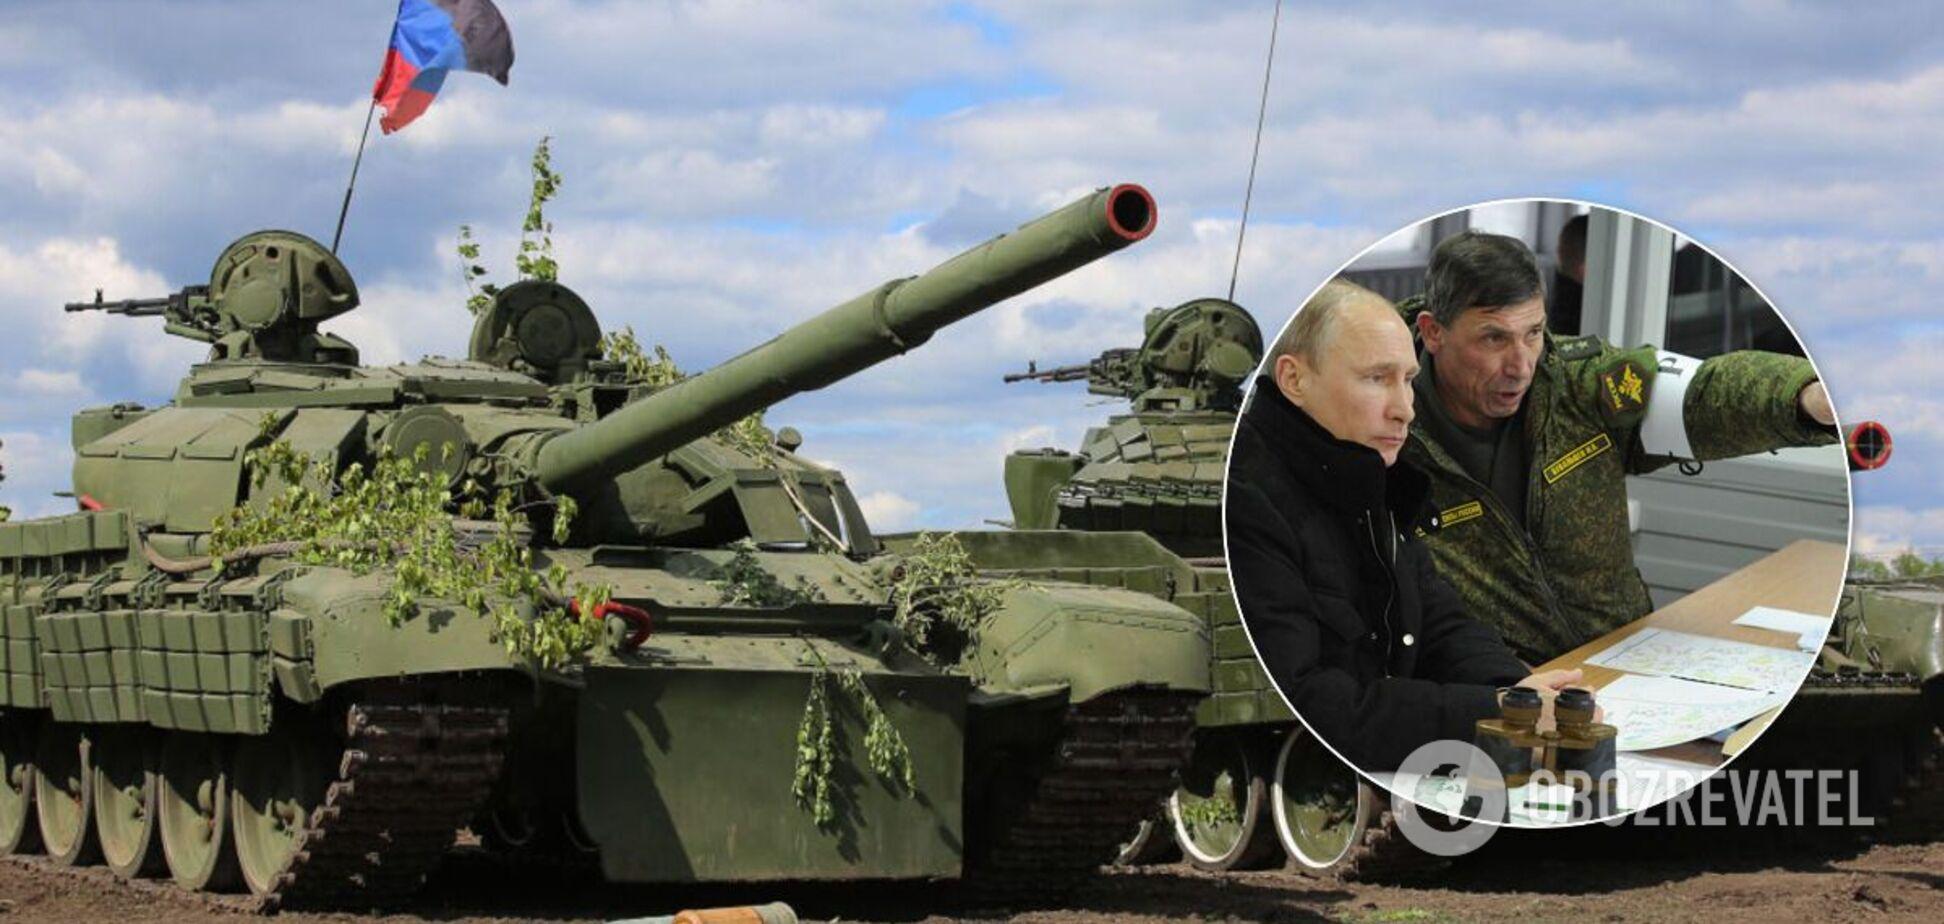 Експерт дав прогноз щодо загострення боїв на Донбасі і назвав мету Путіна